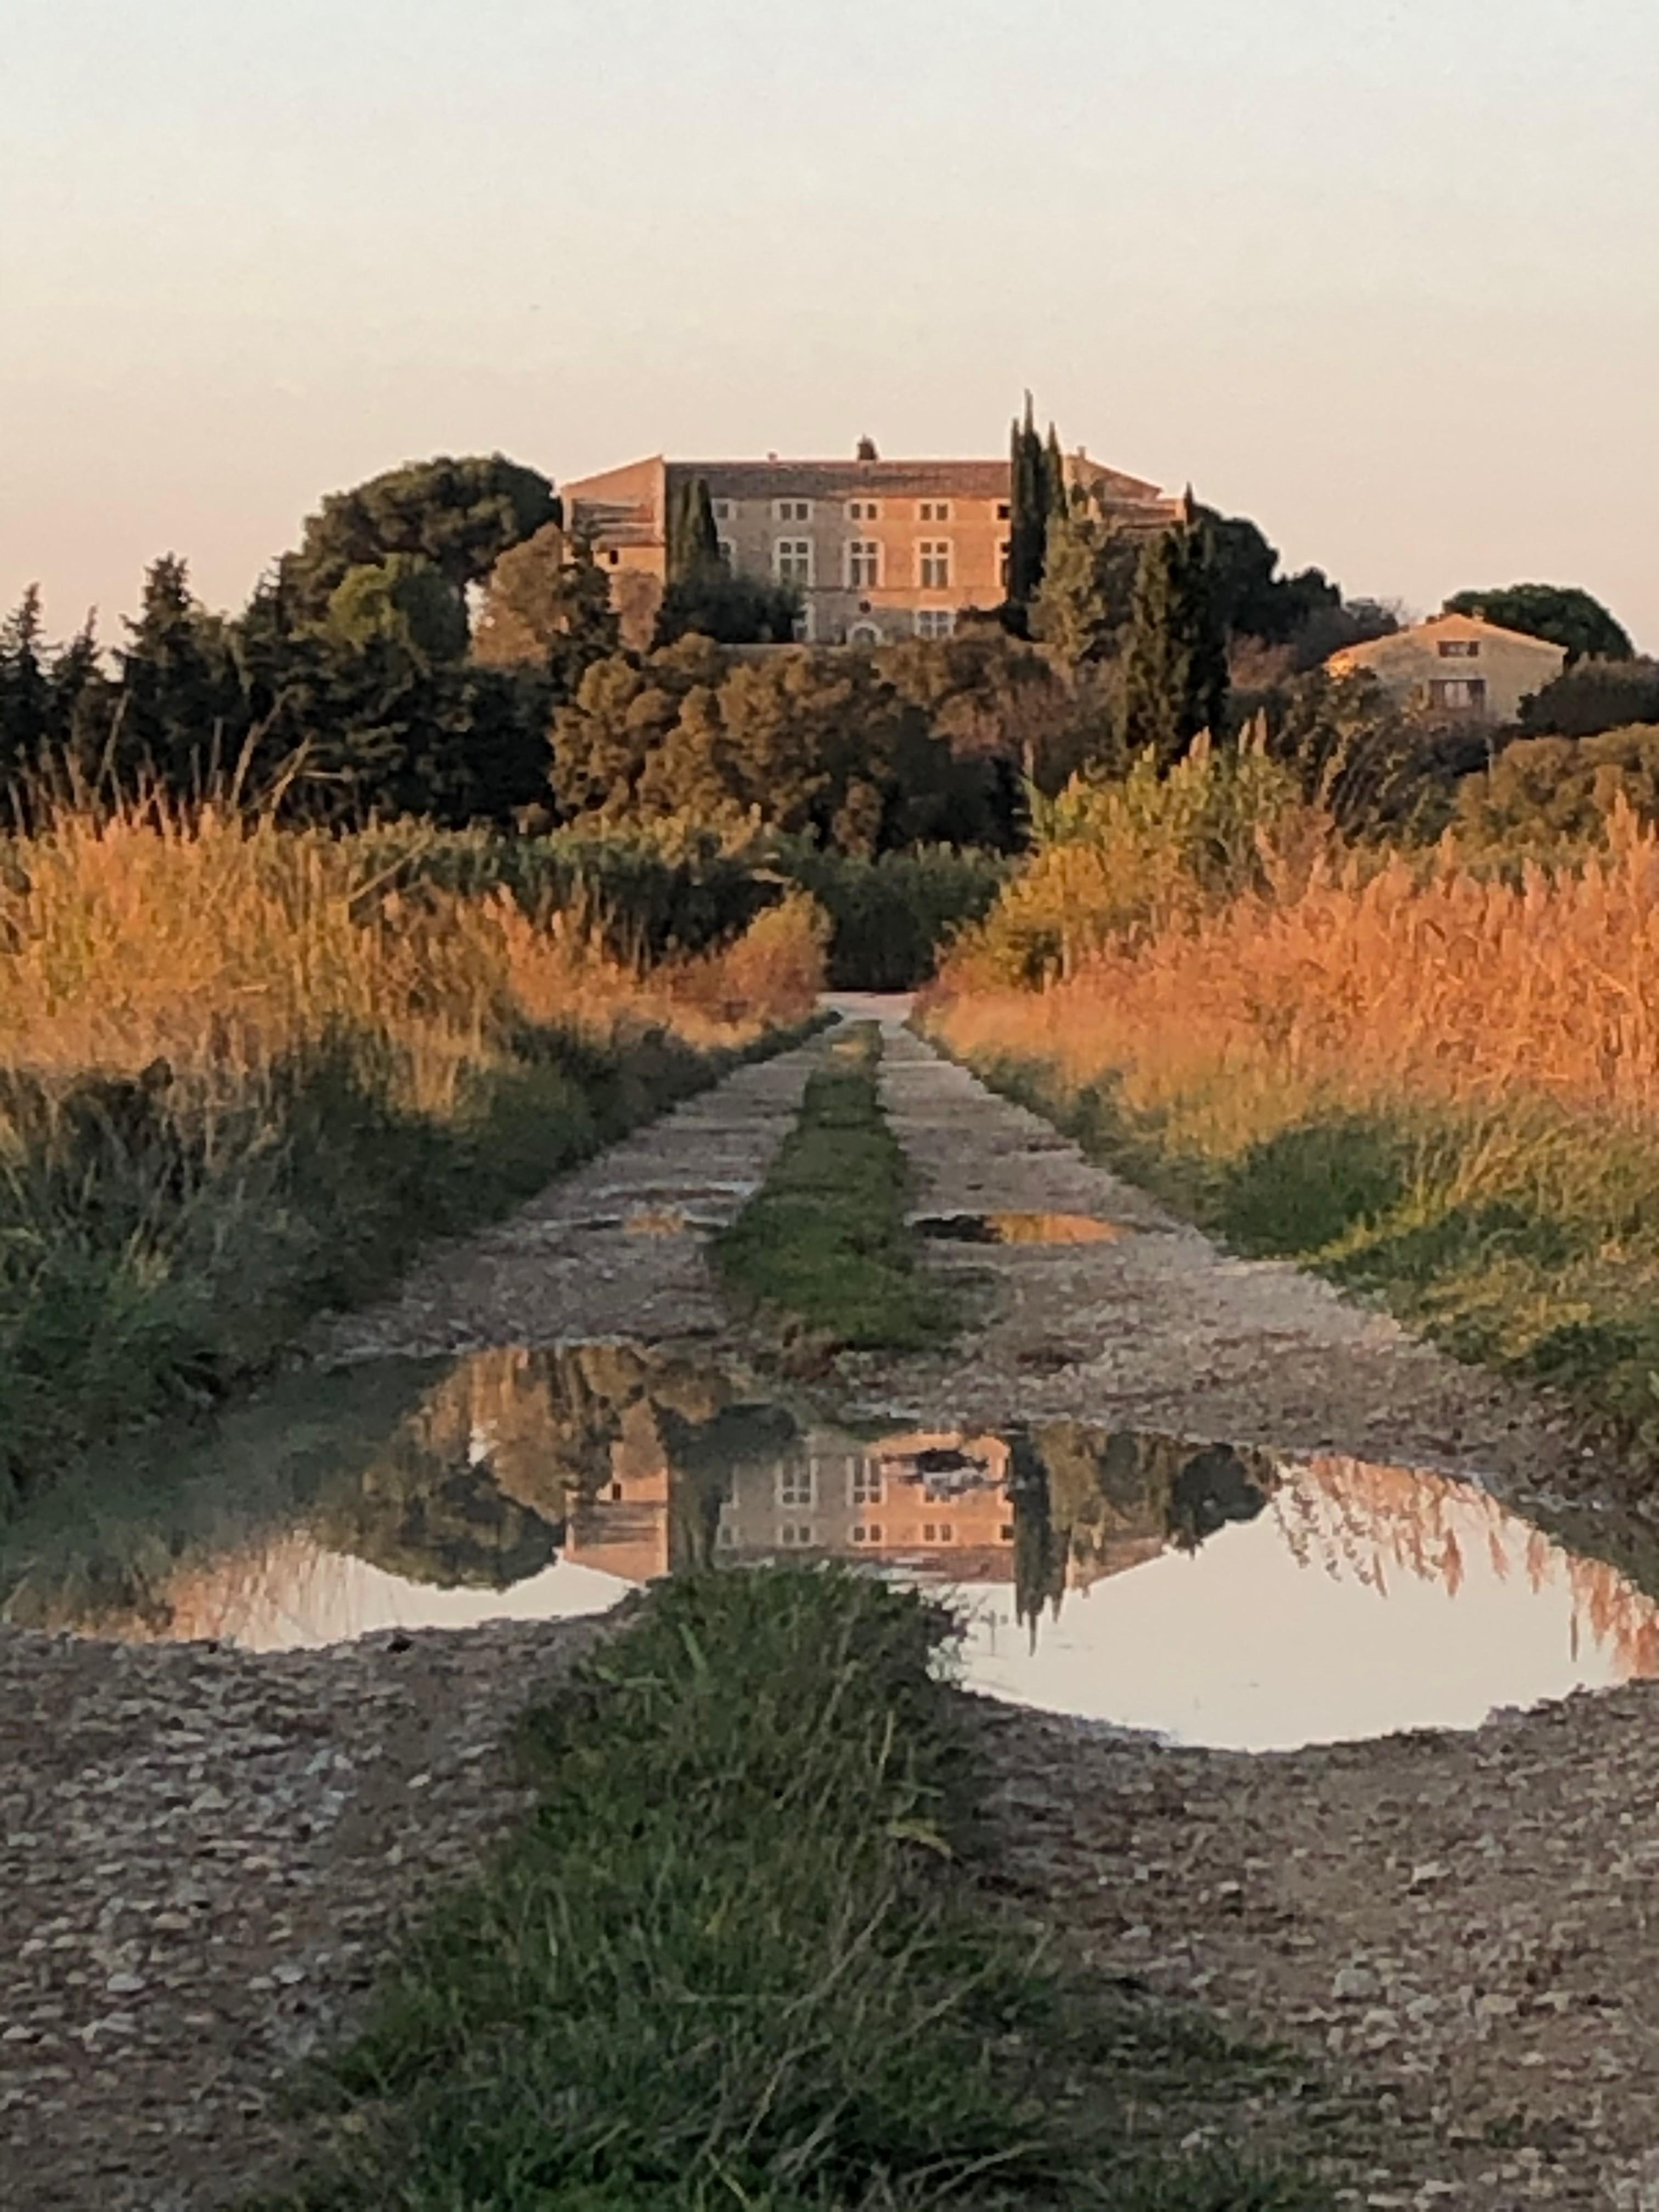 Chateau Confoux